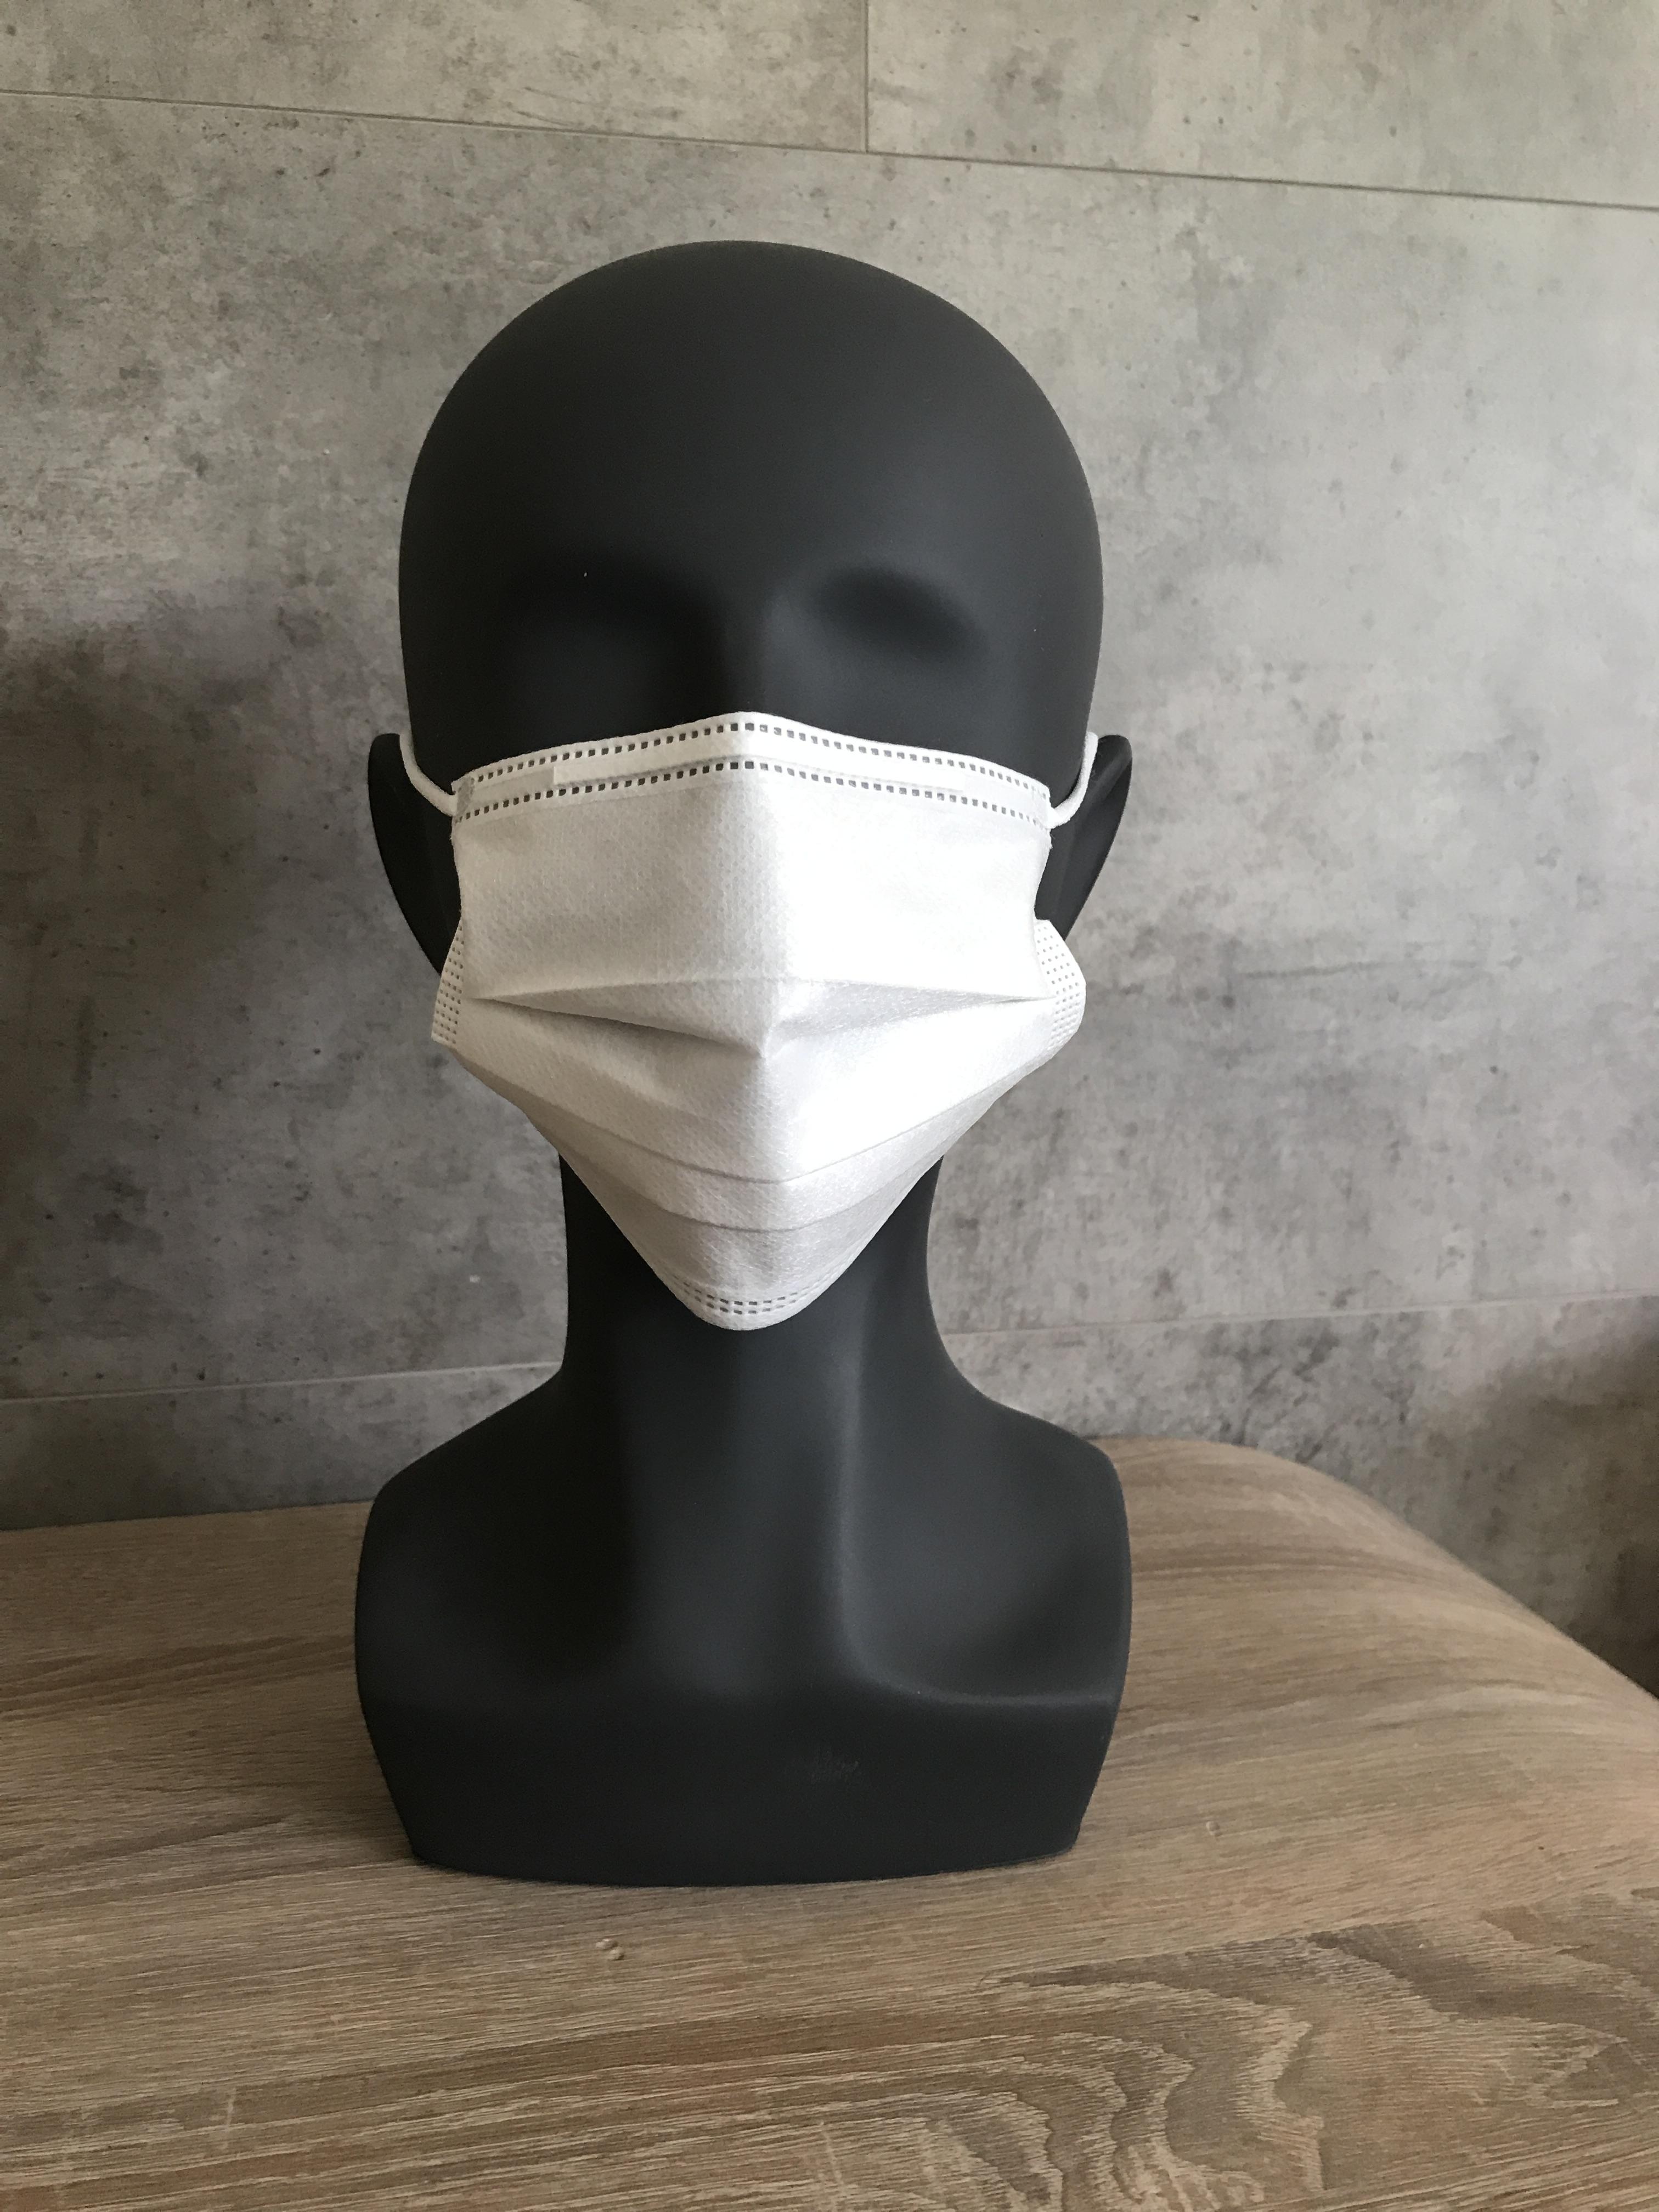 KINDER Mund-Nase Behelfsschutzmaske